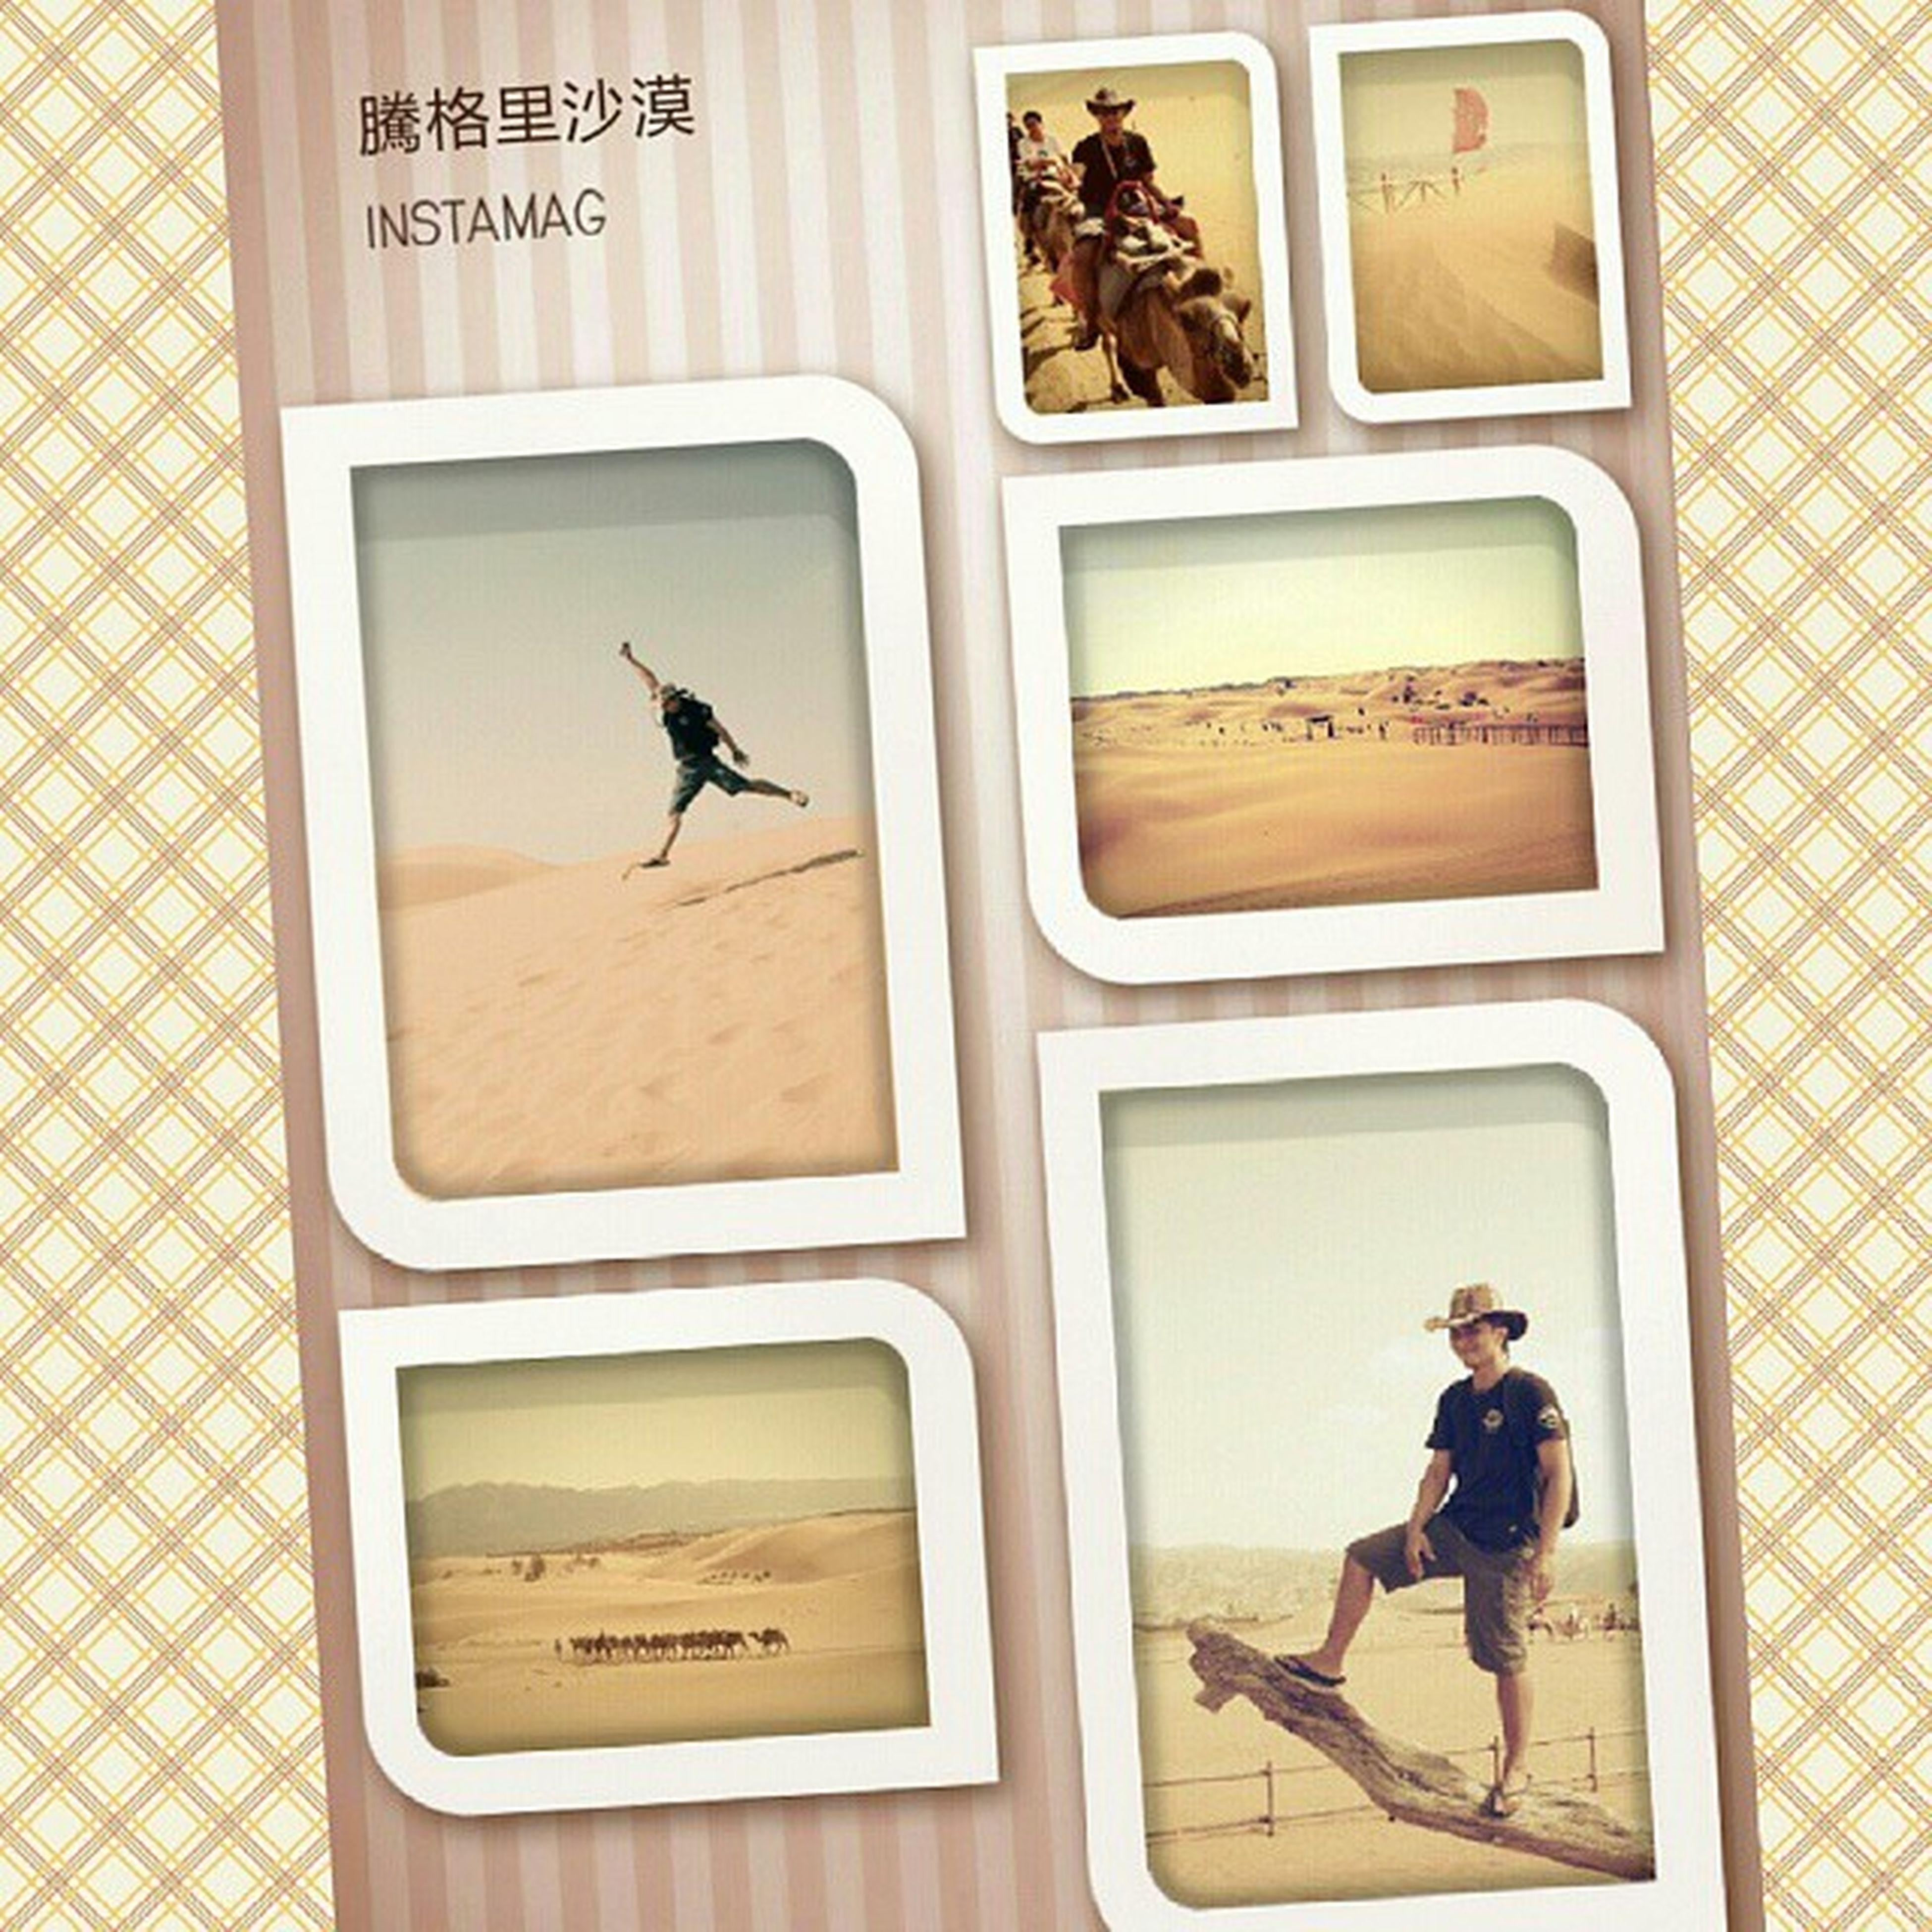 這輩子第一次來沙漠地帶,可能也是最後一次來了.....